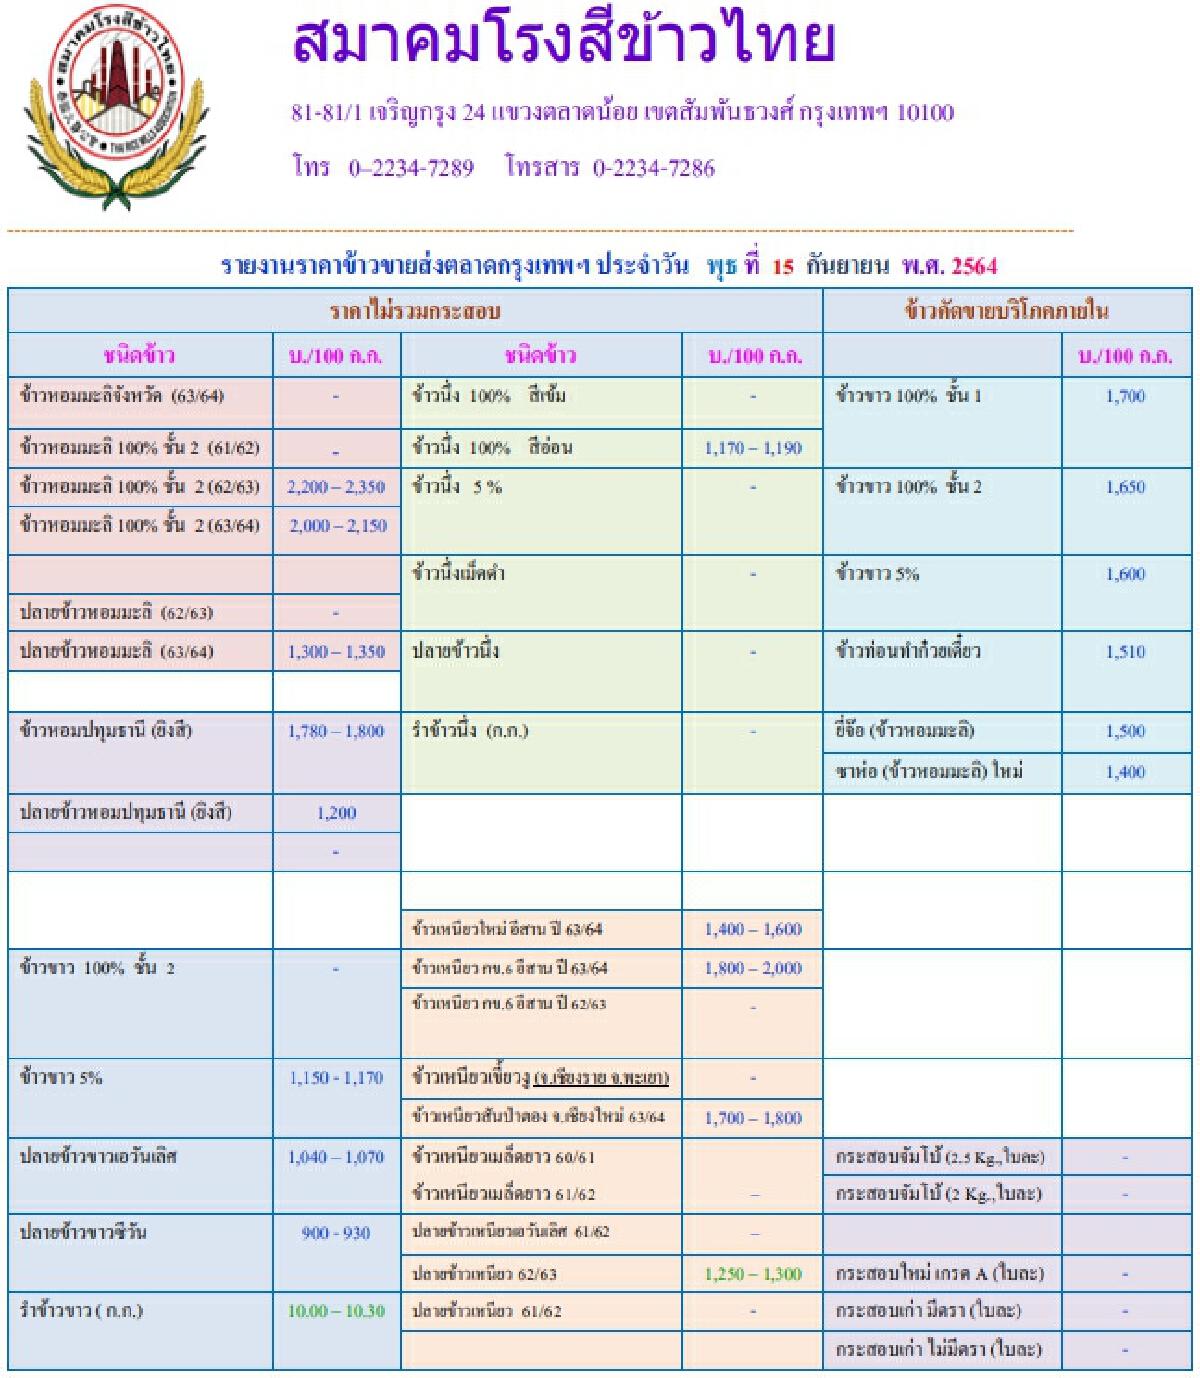 รายงานราคาข้าวขายส่งตลาดกรุงเทพฯ (สมาคมโรงสีข้าวไทย) (15 กันยายน 2564)